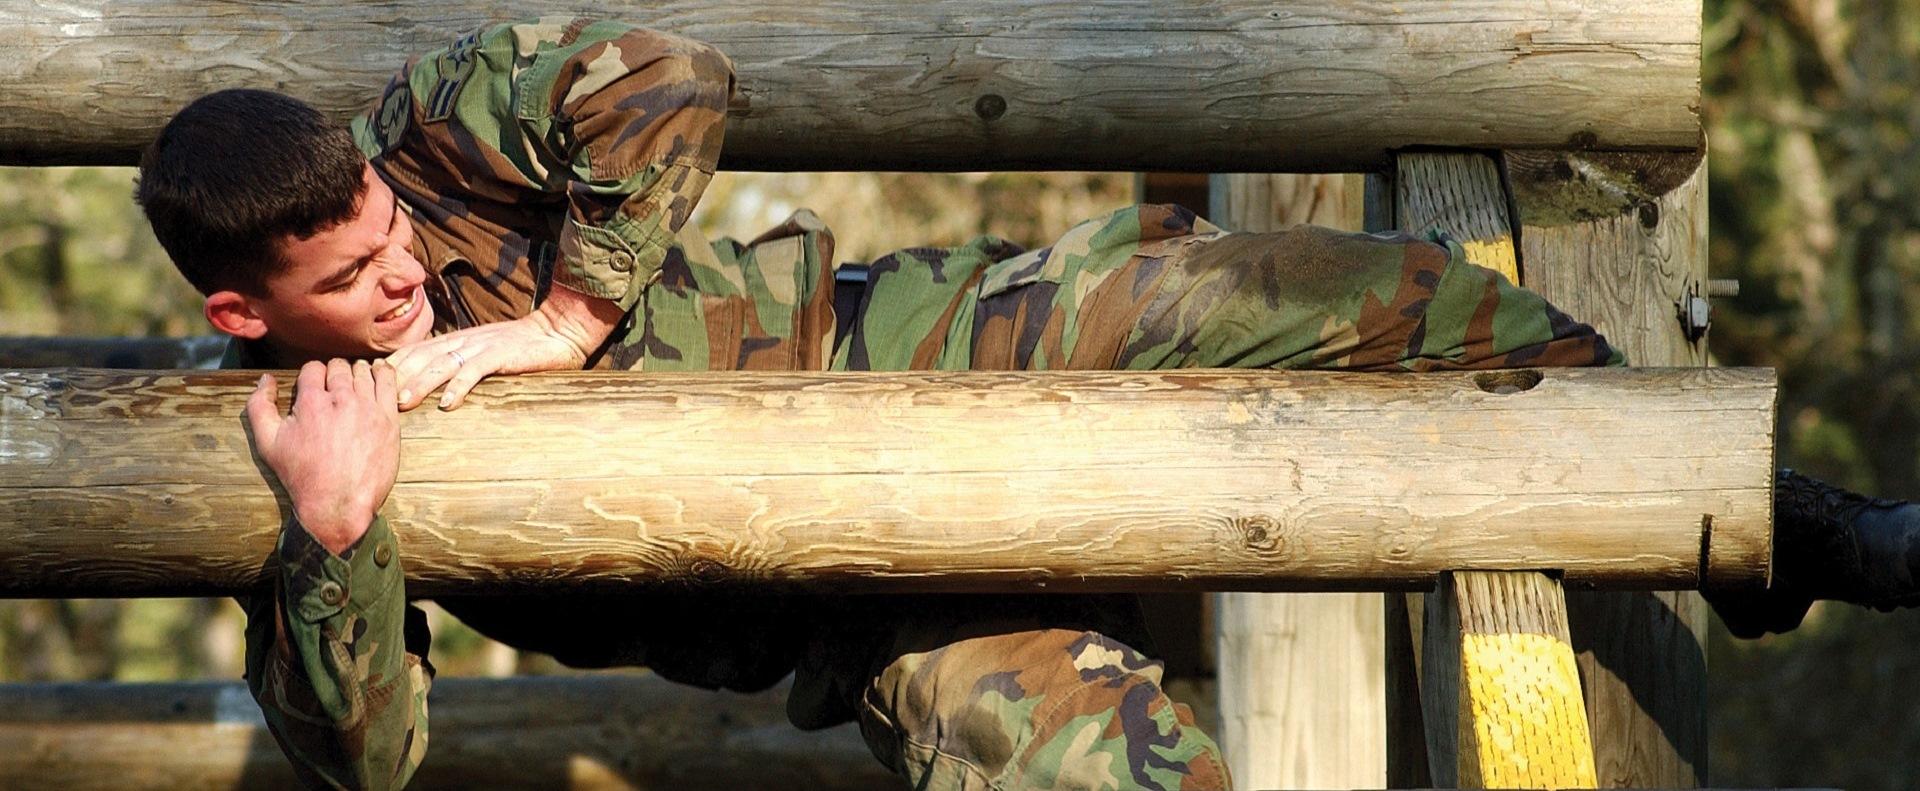 Nagy az érdeklődés a honvédelmi táborok iránt